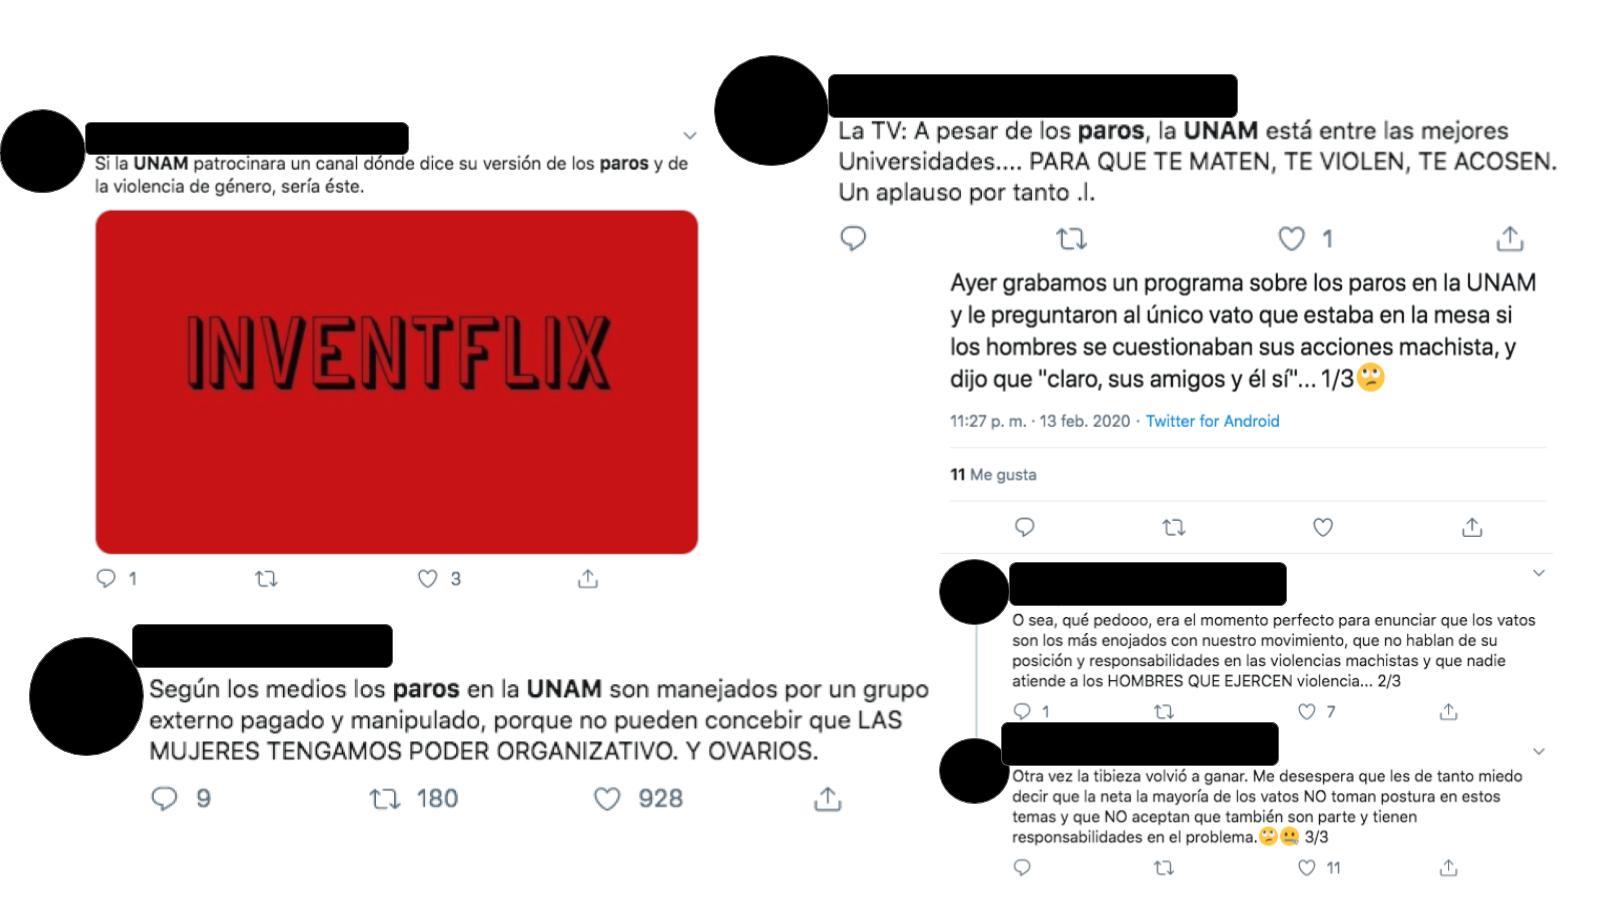 ¿Por qué siguen los paros en la UNAM tras declarar violencia de género como causa grave?